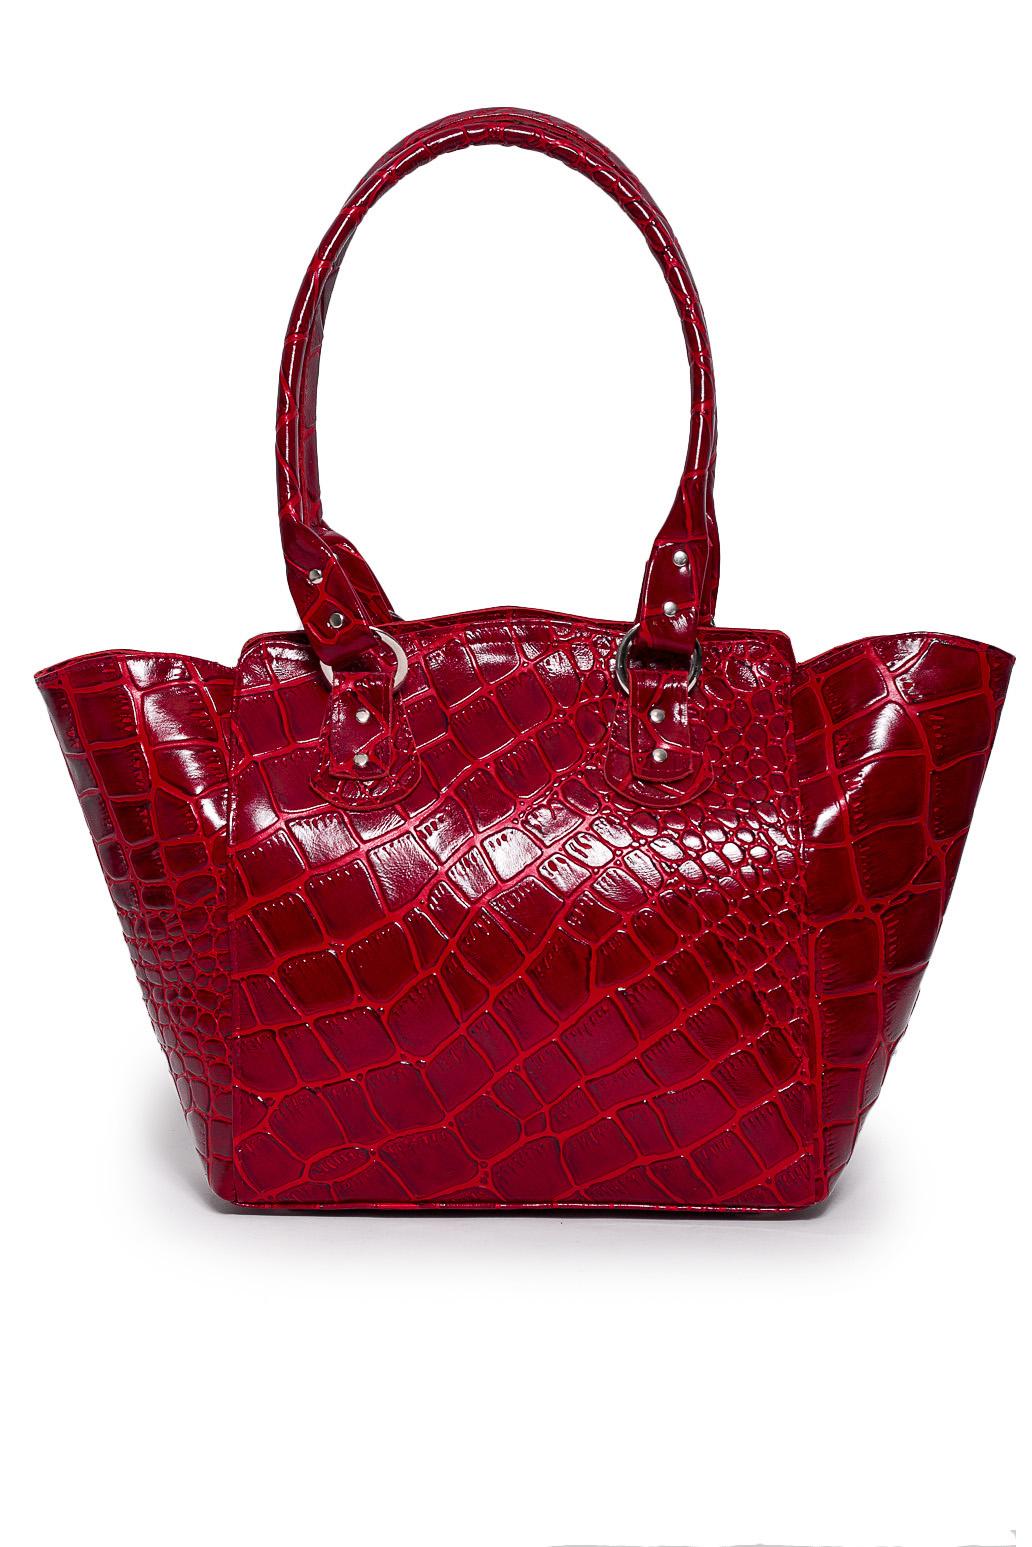 СумкаКлассические<br>Удобная и вместительная женская сумка. Сумка на молнии, одно большое отделение, 1 карман в сумке на молнии, 2 маленьких.  Состав: верх - натуральная кожа Крс 100 %, подклад - полиэстер  Размеры: 27*12*42 см  Цвет: красный<br><br>Отделения: 1 отделение<br>По материалу: Натуральная кожа<br>По размеру: Средние<br>По рисунку: Однотонные<br>По способу ношения: В руках,На запастье,На плечо<br>По типу застежки: С застежкой молнией<br>По элементам: Карман на молнии,Карман под телефон<br>Ручки: Короткие<br>По форме: Трапециевидные<br>Размер : UNI<br>Материал: Натуральная кожа<br>Количество в наличии: 1